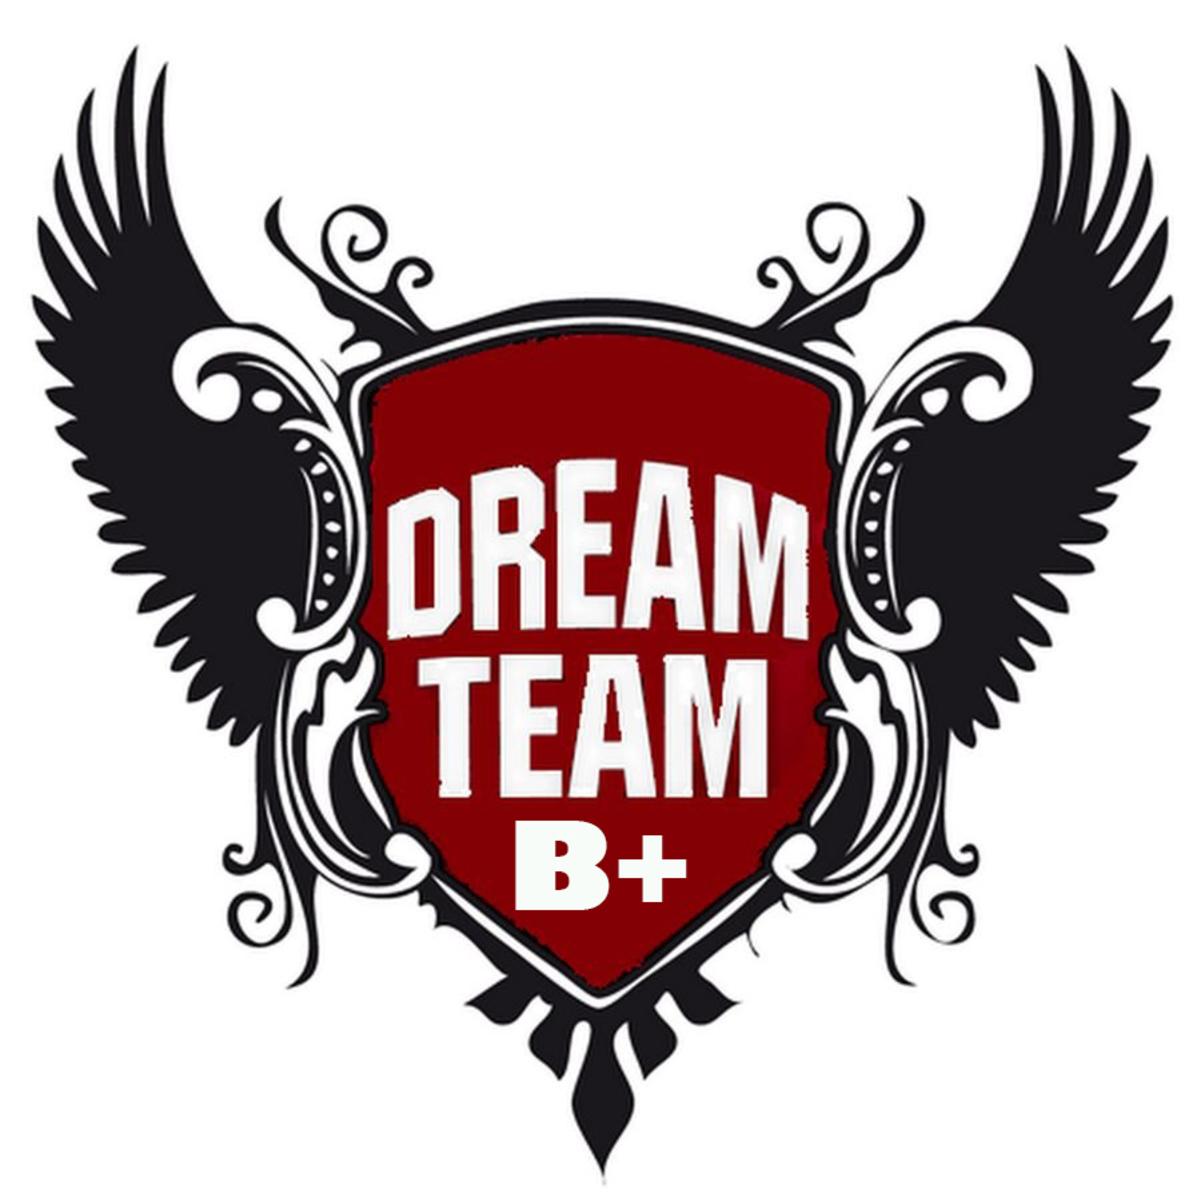 Фото с надписью команда мечты, открытка